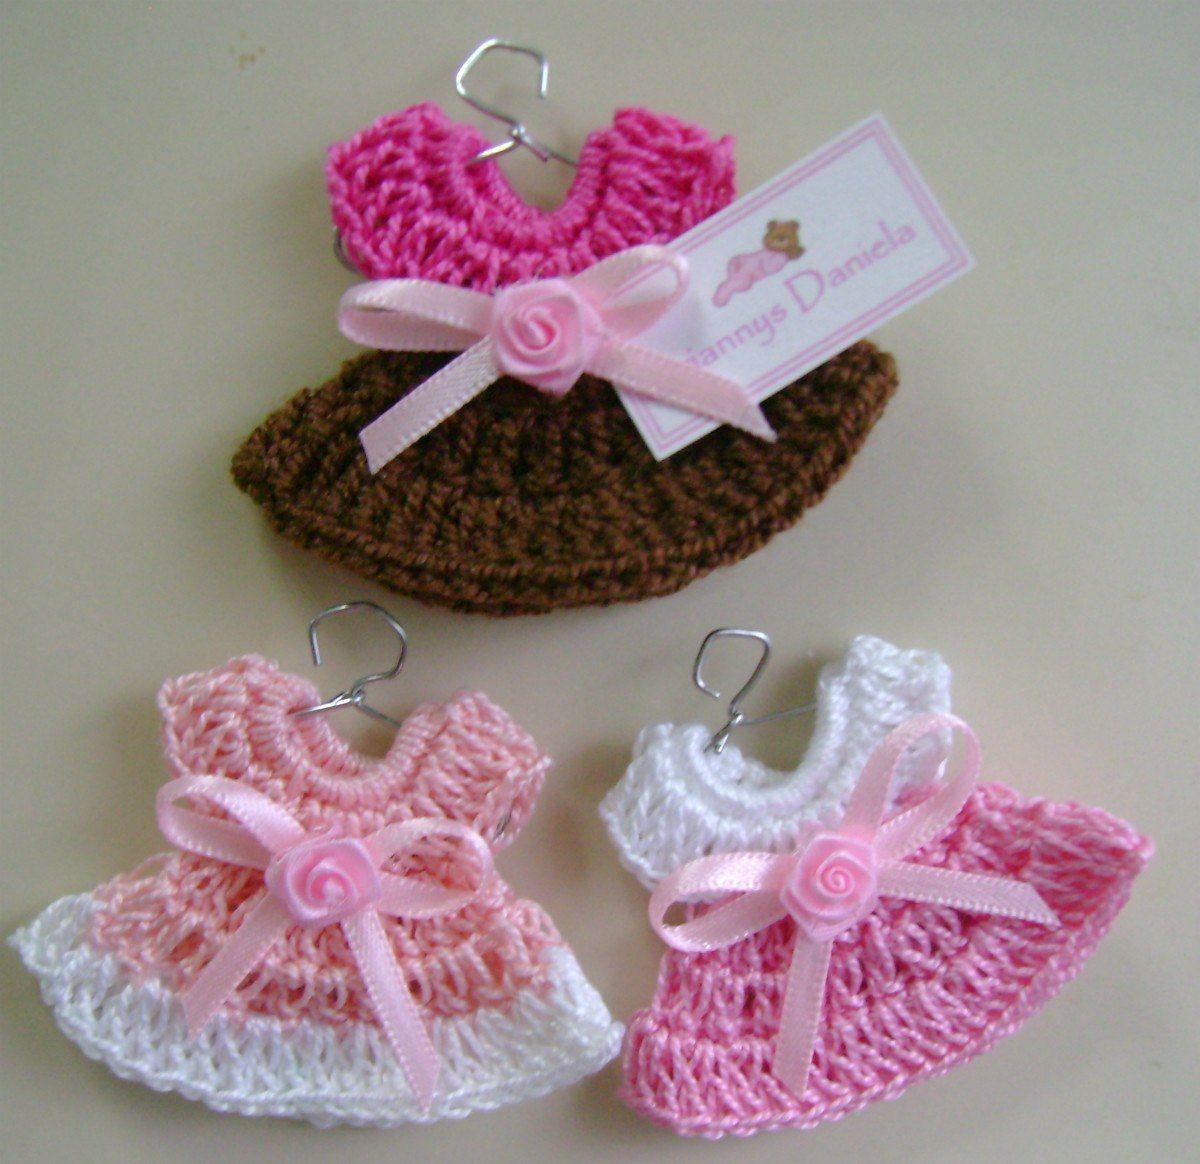 recuerdos para baby showers | Recuerditos-recuerdos Para Baby Shower ,  Nacimiento - BsF 10,00 en .